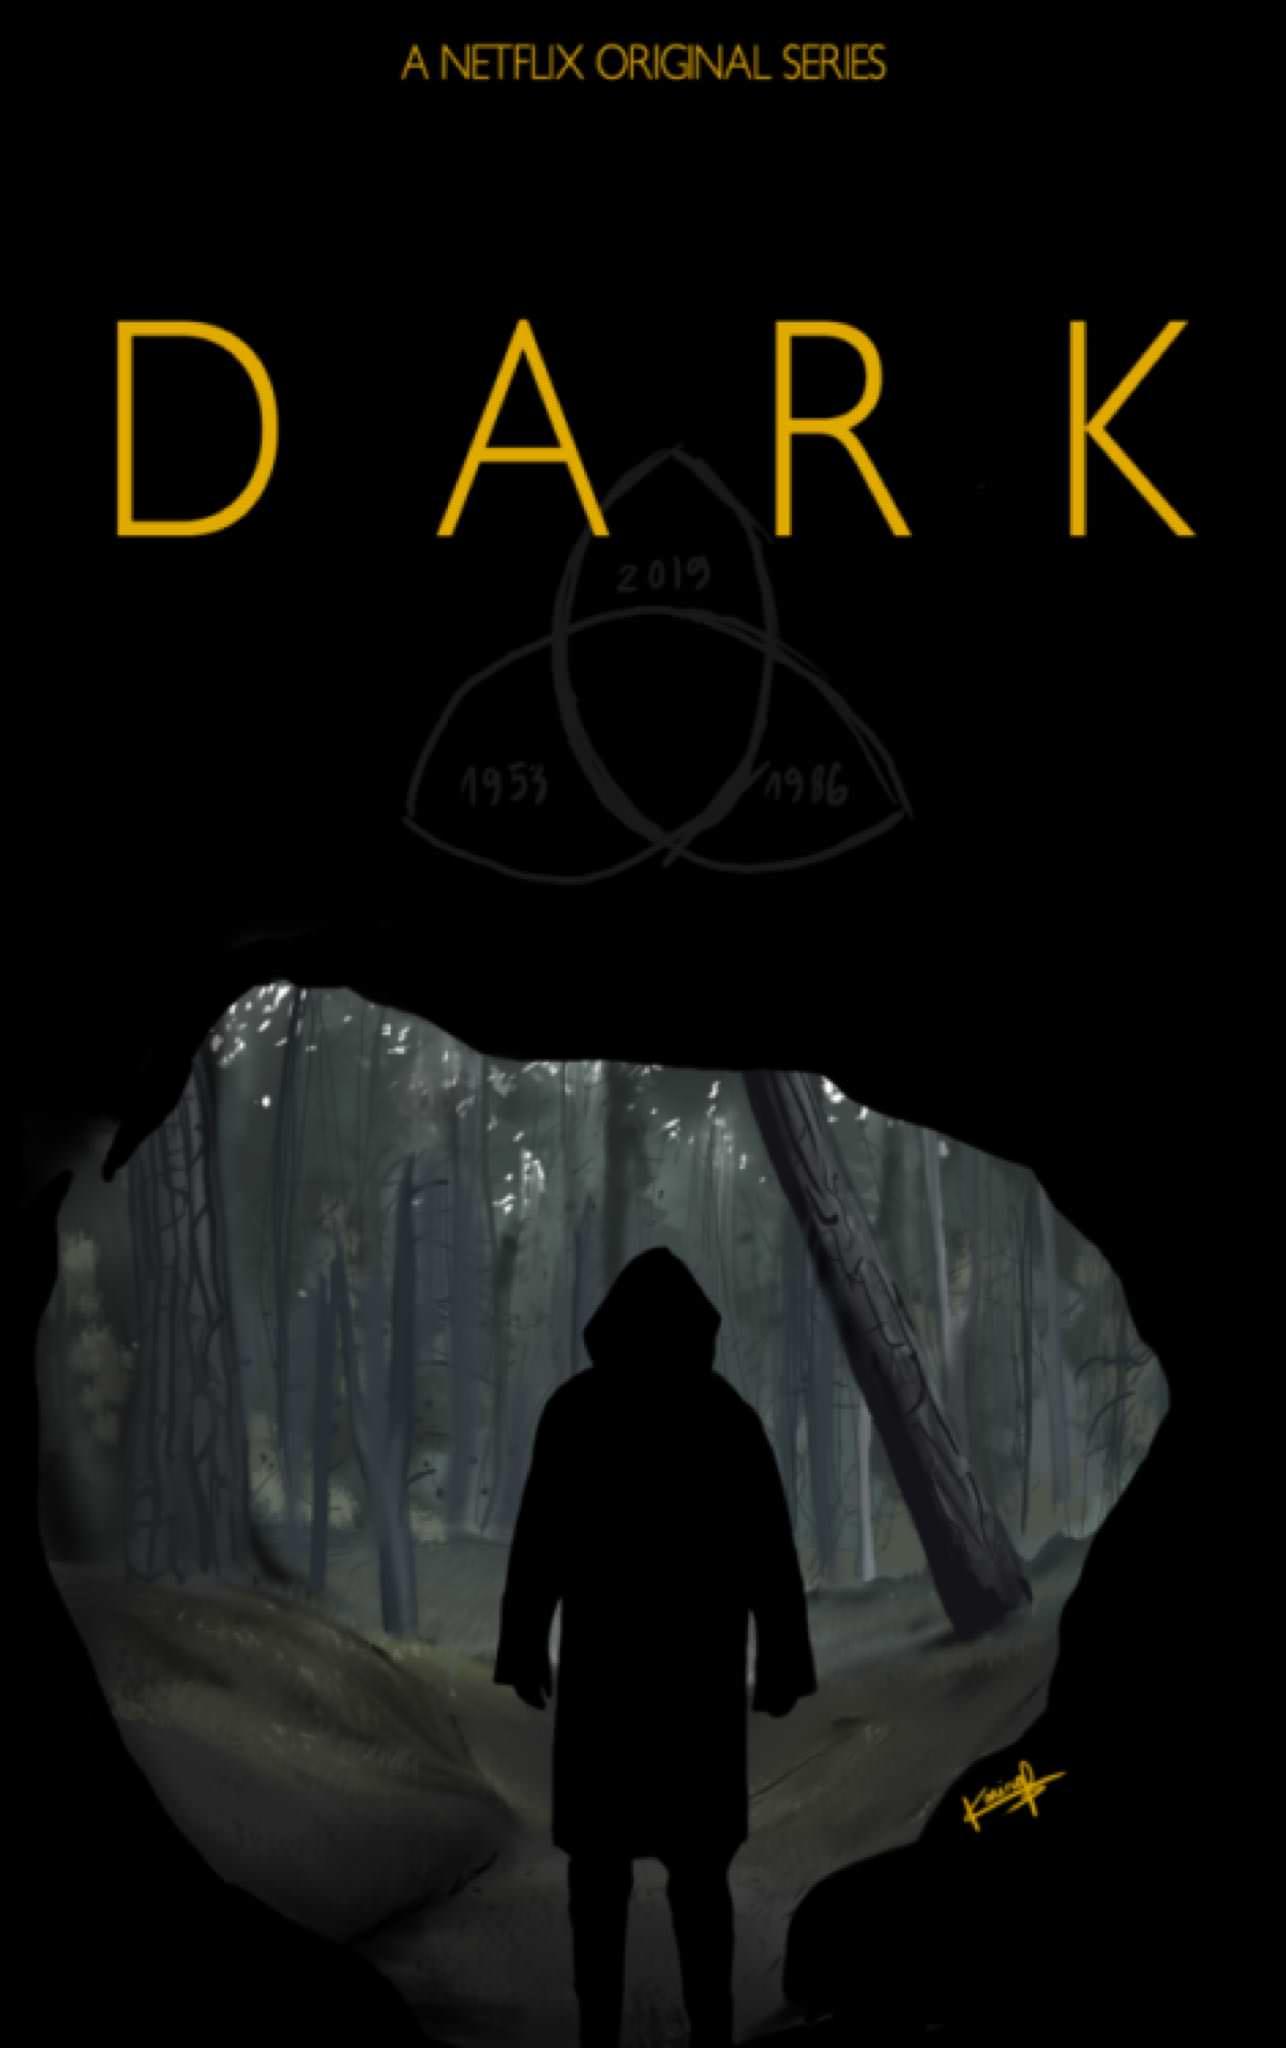 Dark Netflix Wallpapers Top Free Dark Netflix Backgrounds Wallpaperaccess